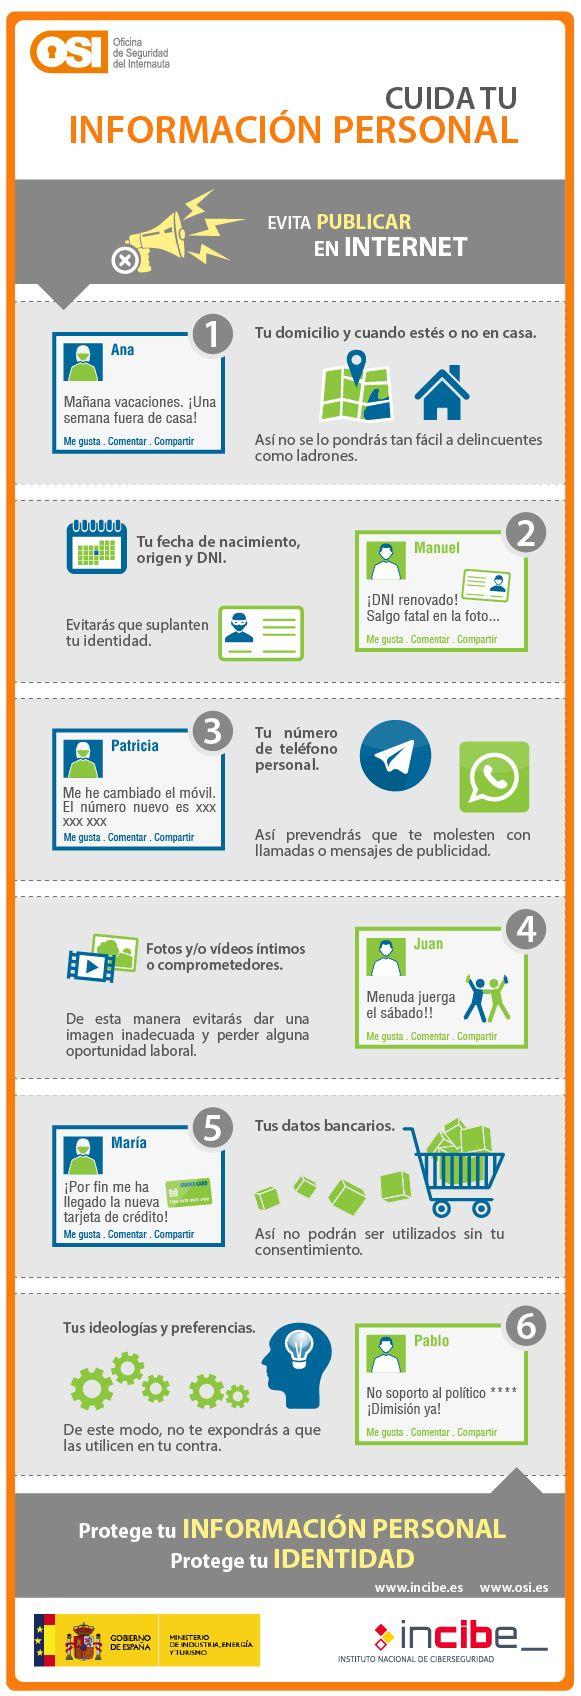 Cuida la información personal que publicas en Internet #infografia #infographic #socialmedia